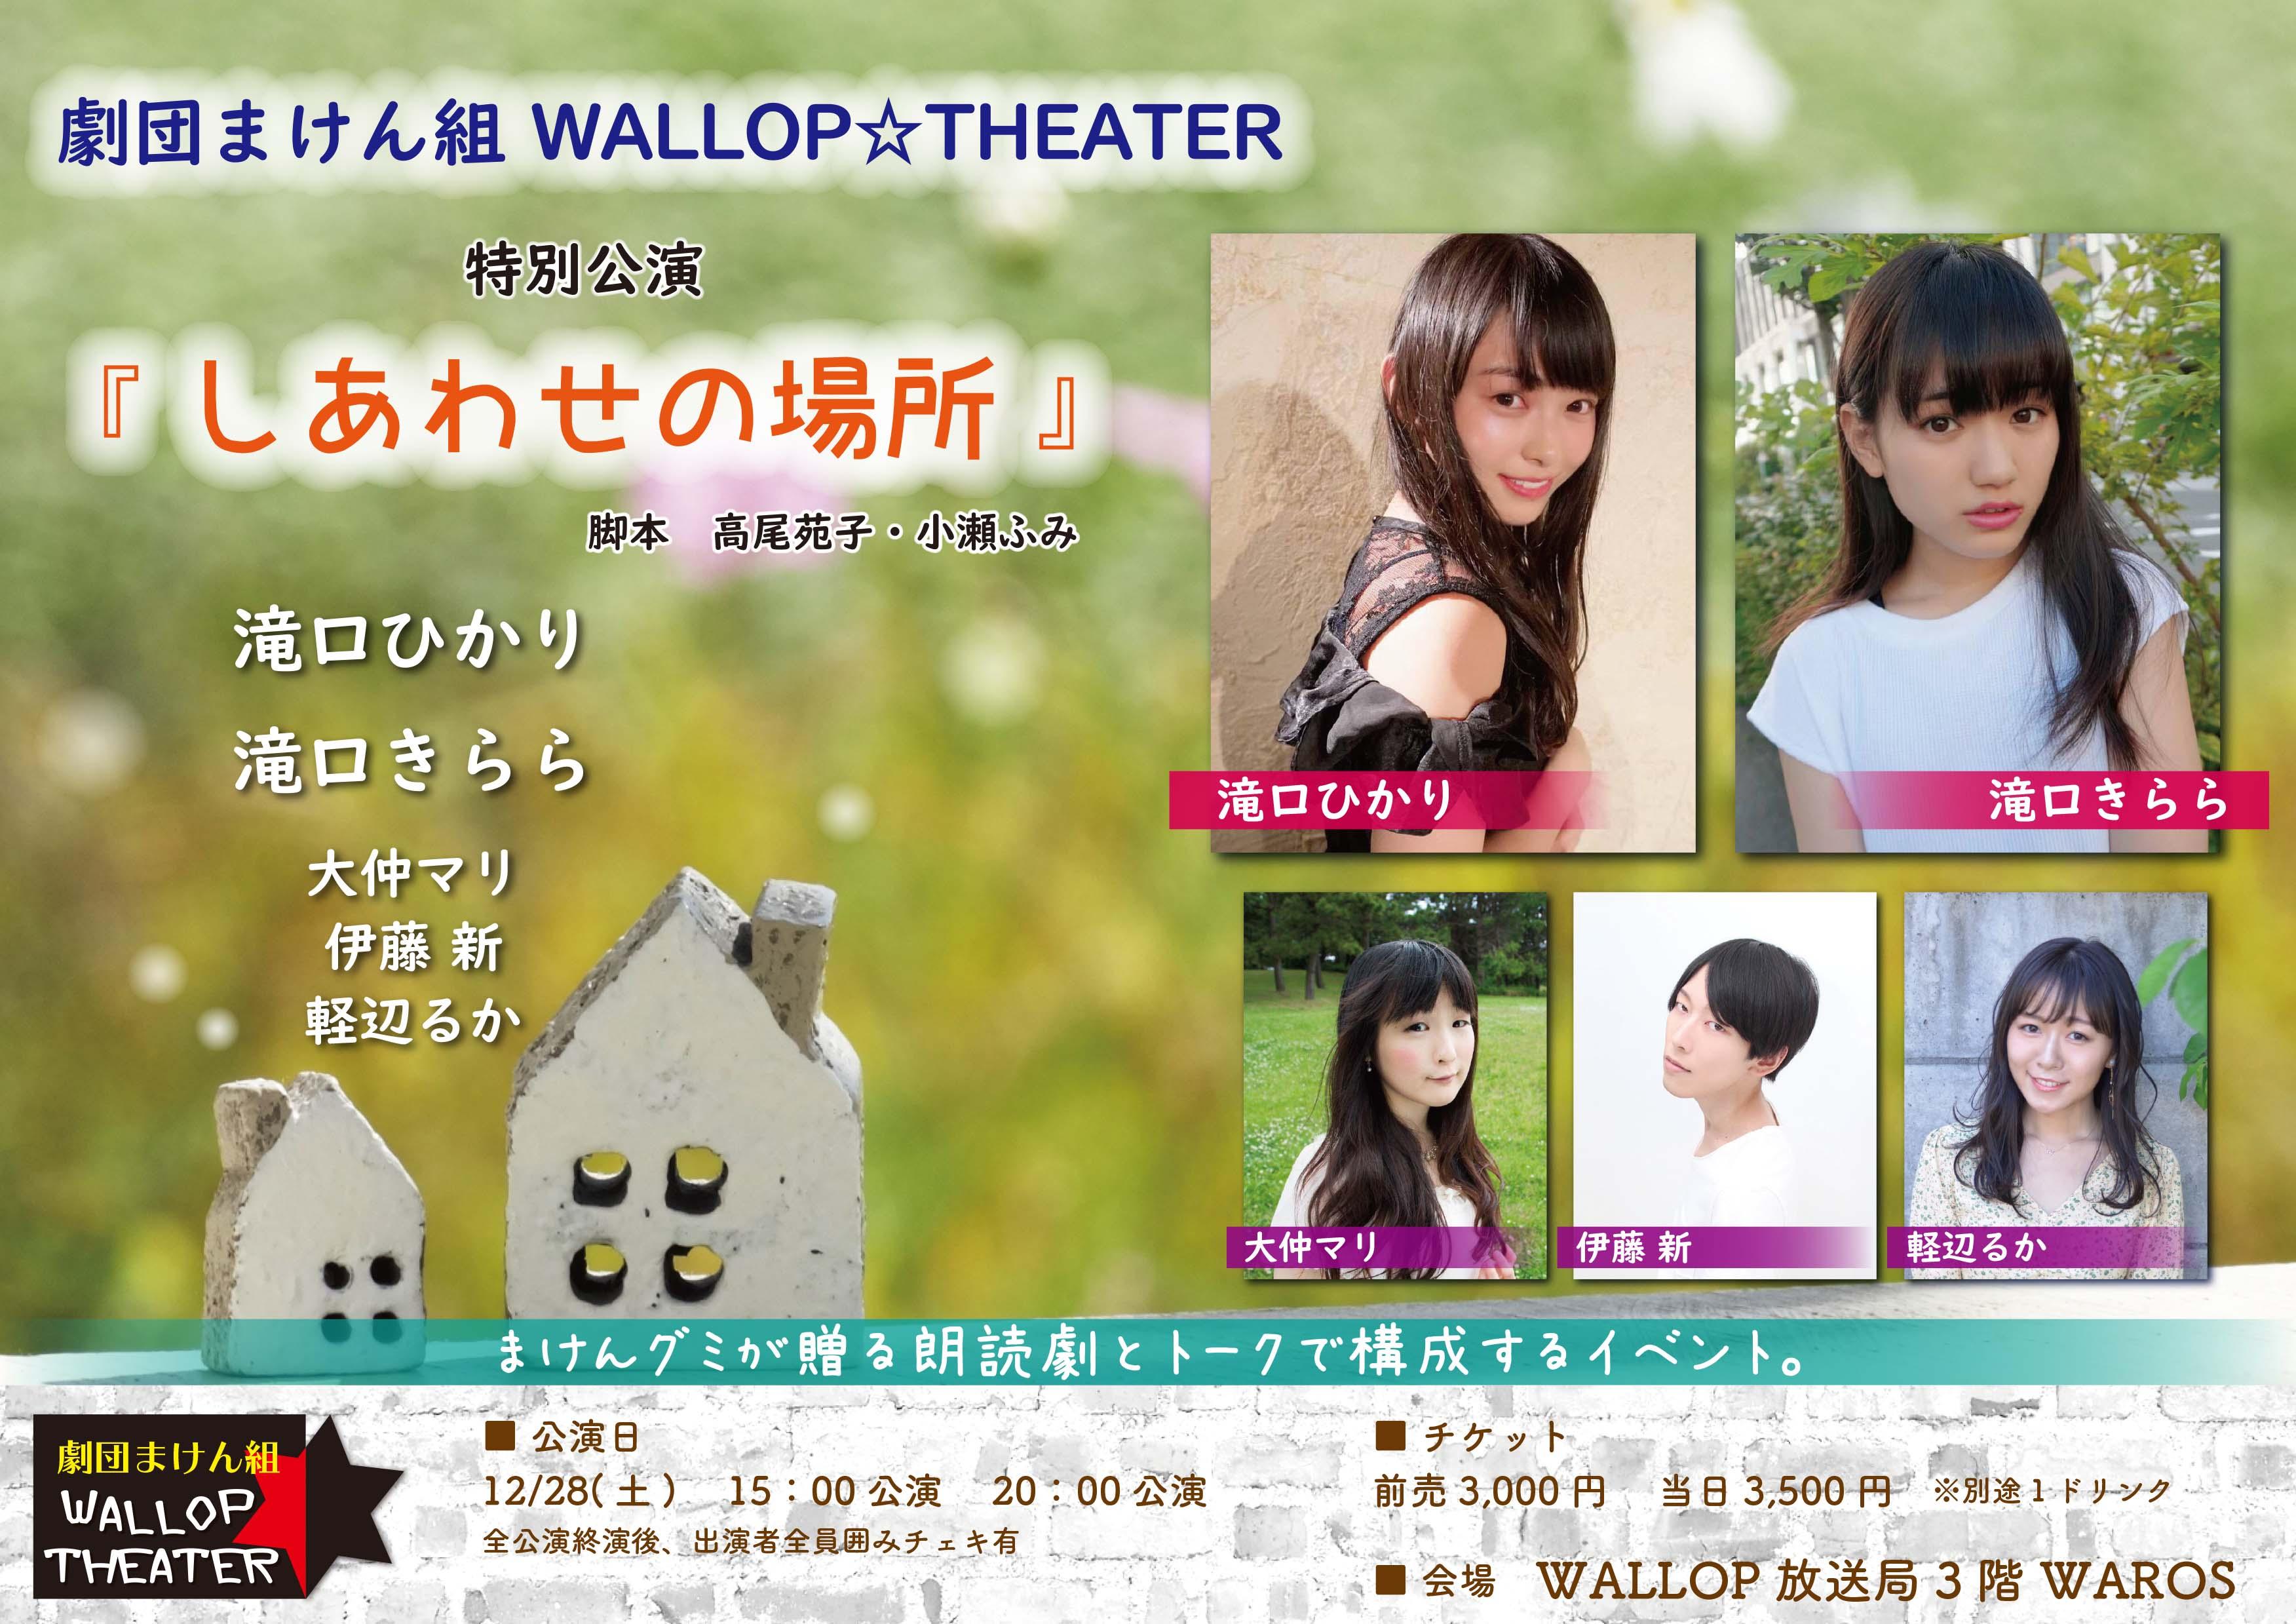 劇団まけん組 WALLOP☆THEATER 特別公演『しあわせの場所』